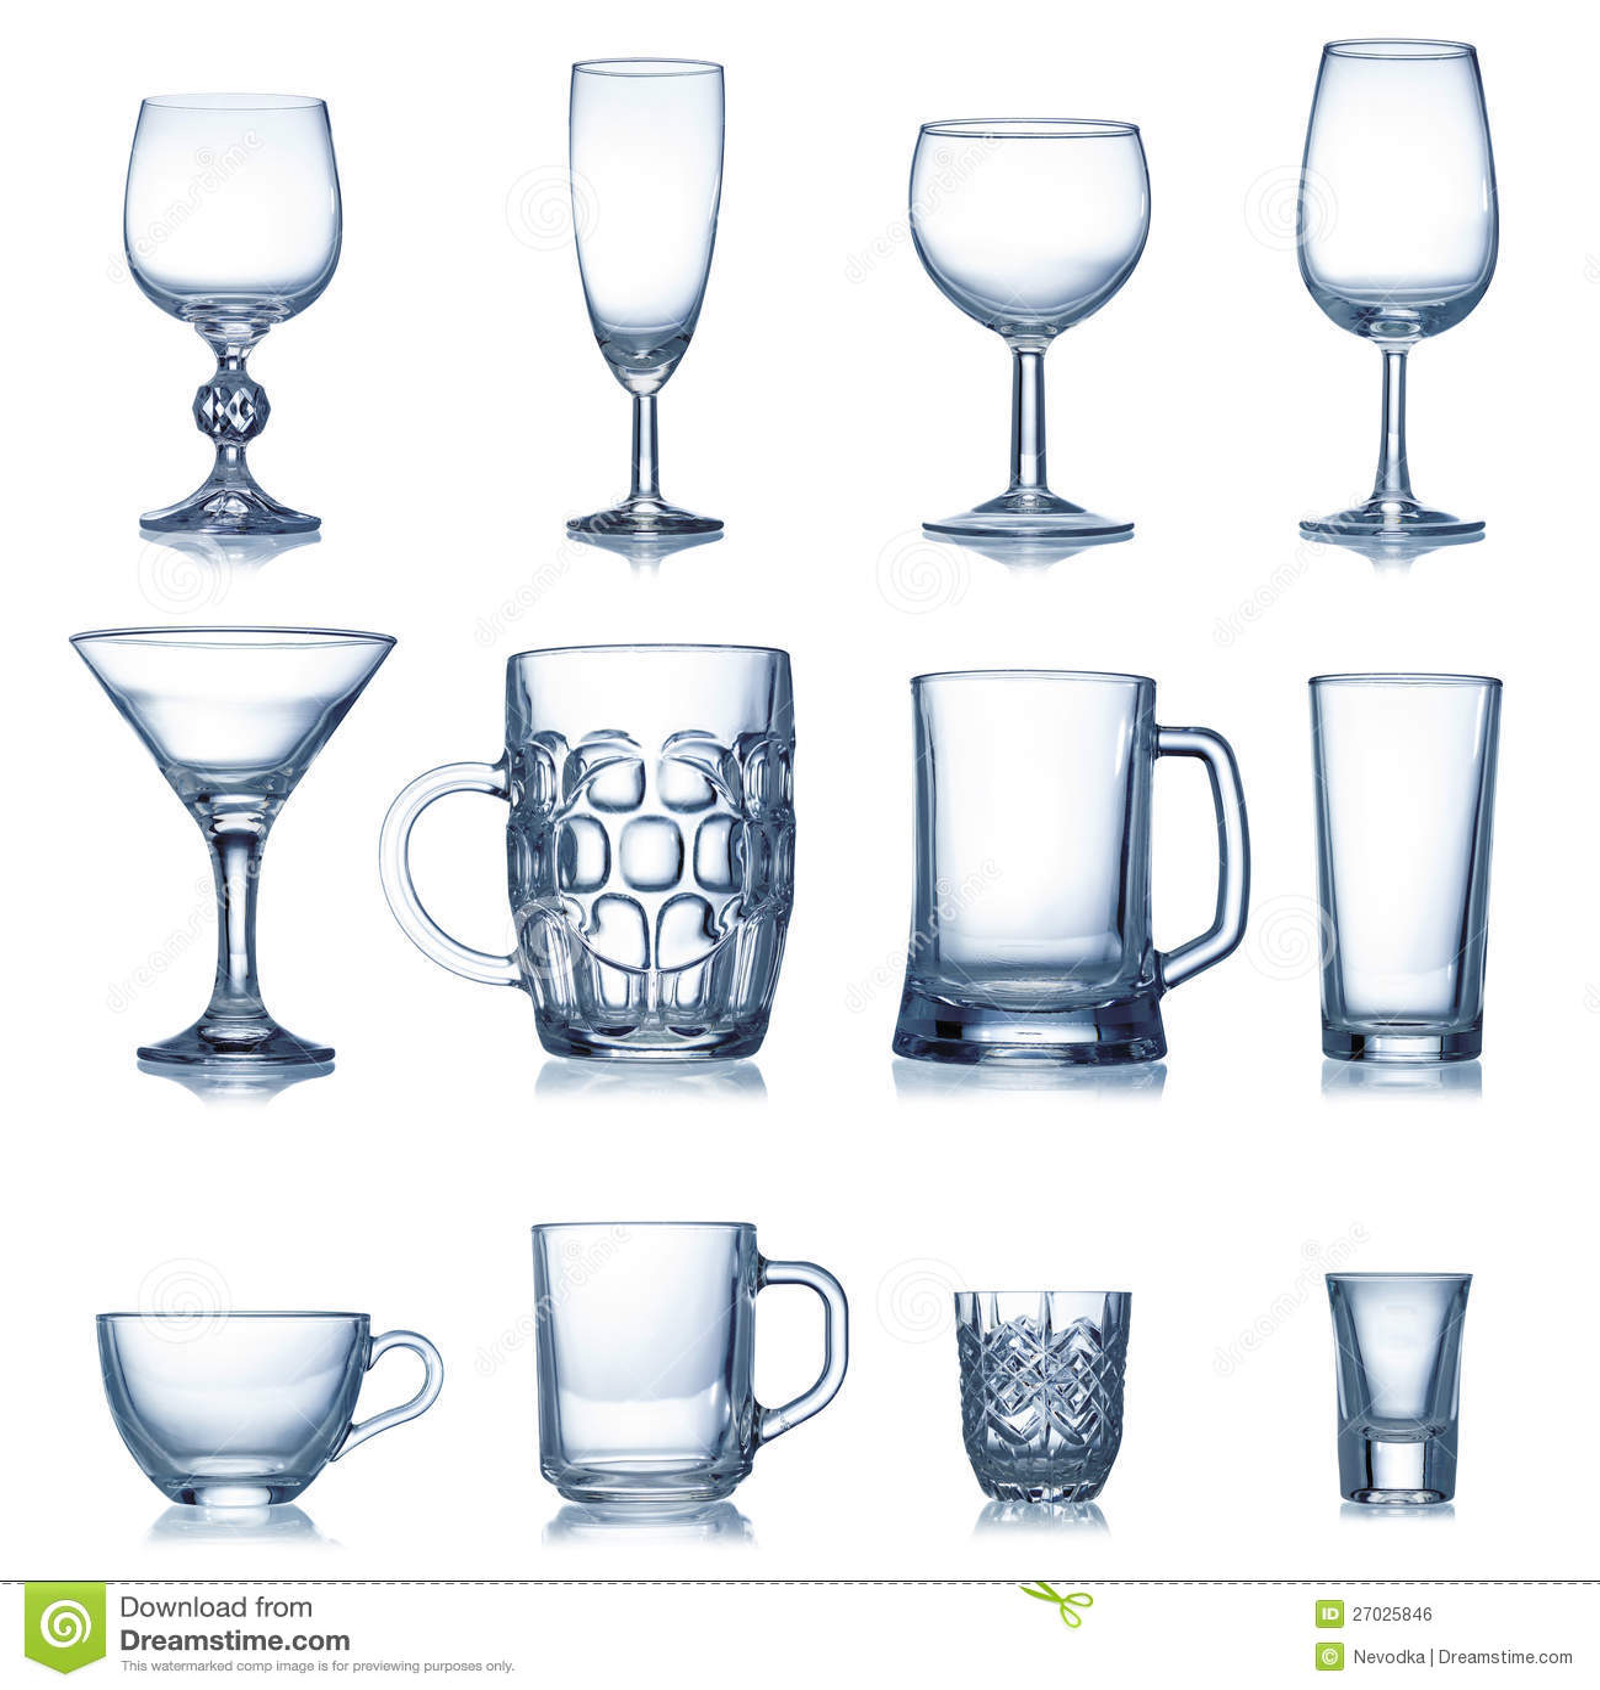 Limpie la colecci n vac a de la cristaler a imagen de for Cristaleria para bar